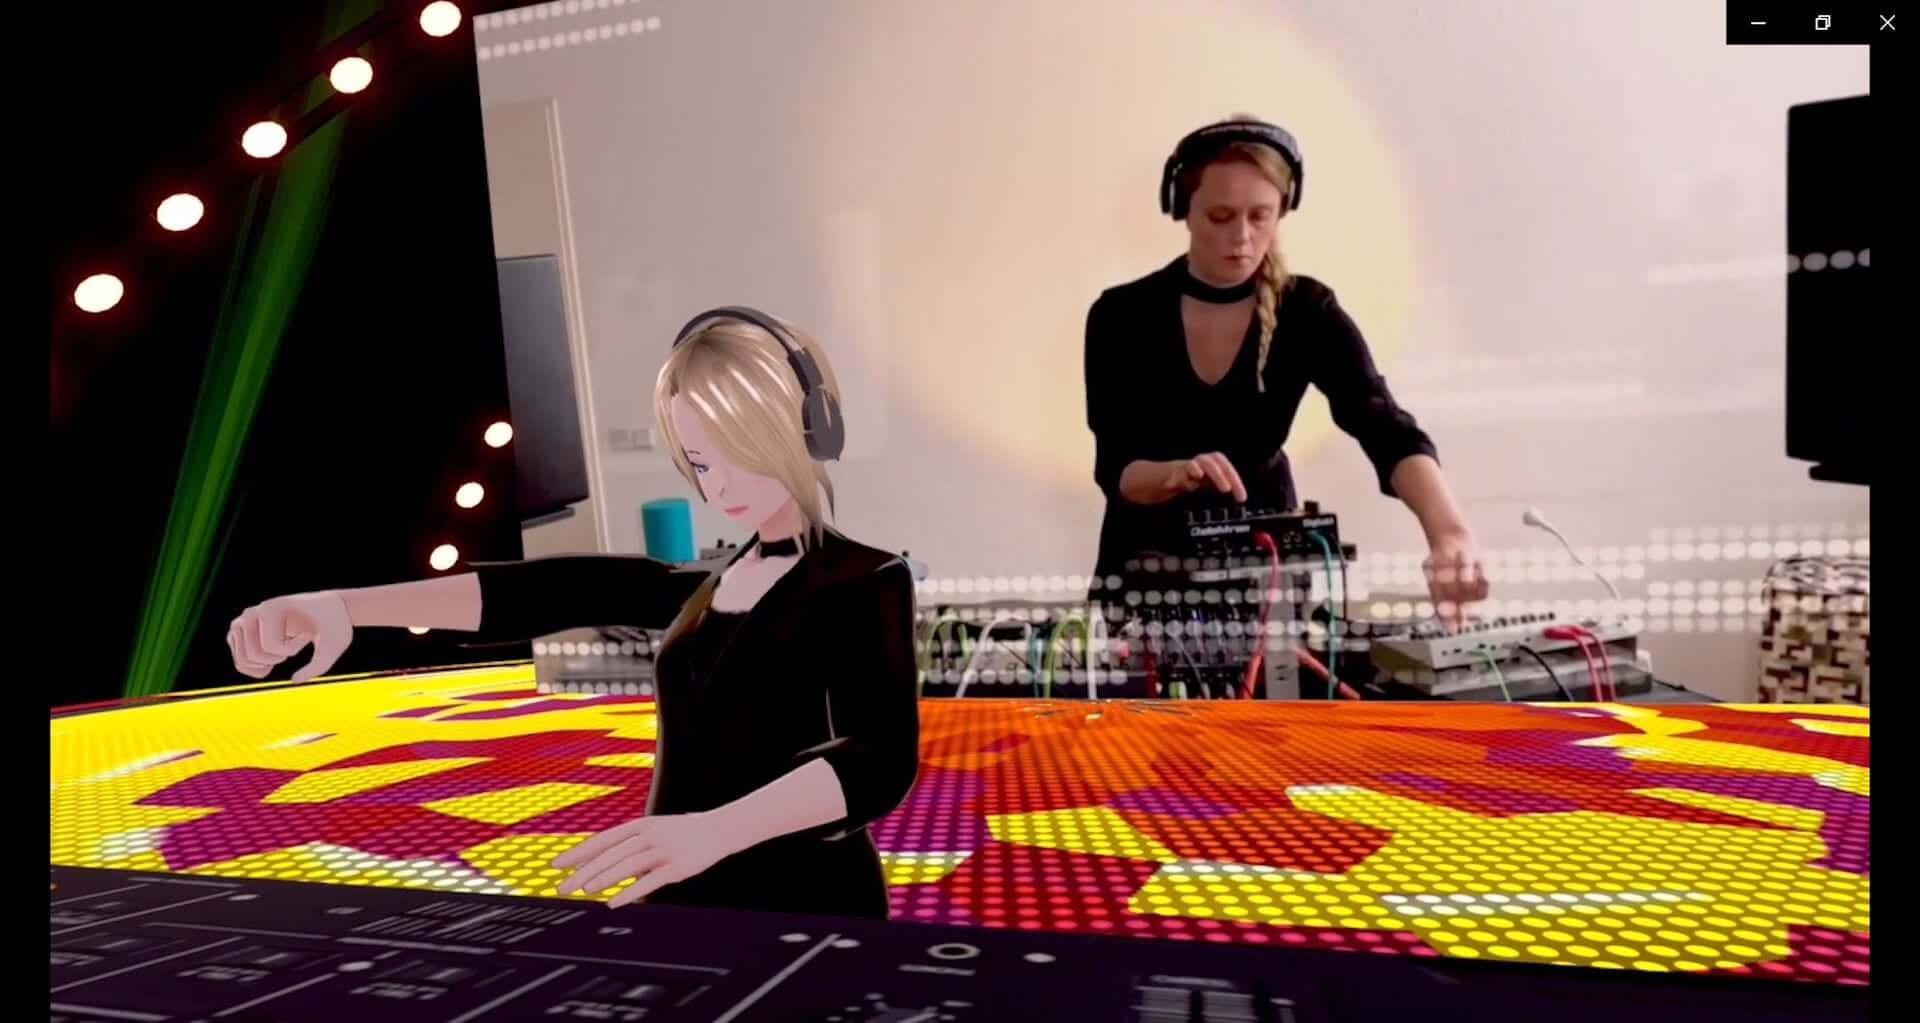 バーチャル渋谷にSUPER DOMMUNEが出現!Ellen Allien、KEN ISHIIらが出演した<DJ IN THE MIRROR WORLD>のレポートが到着 art201104_shibuya5g-halloweenfes_25-1920x1023